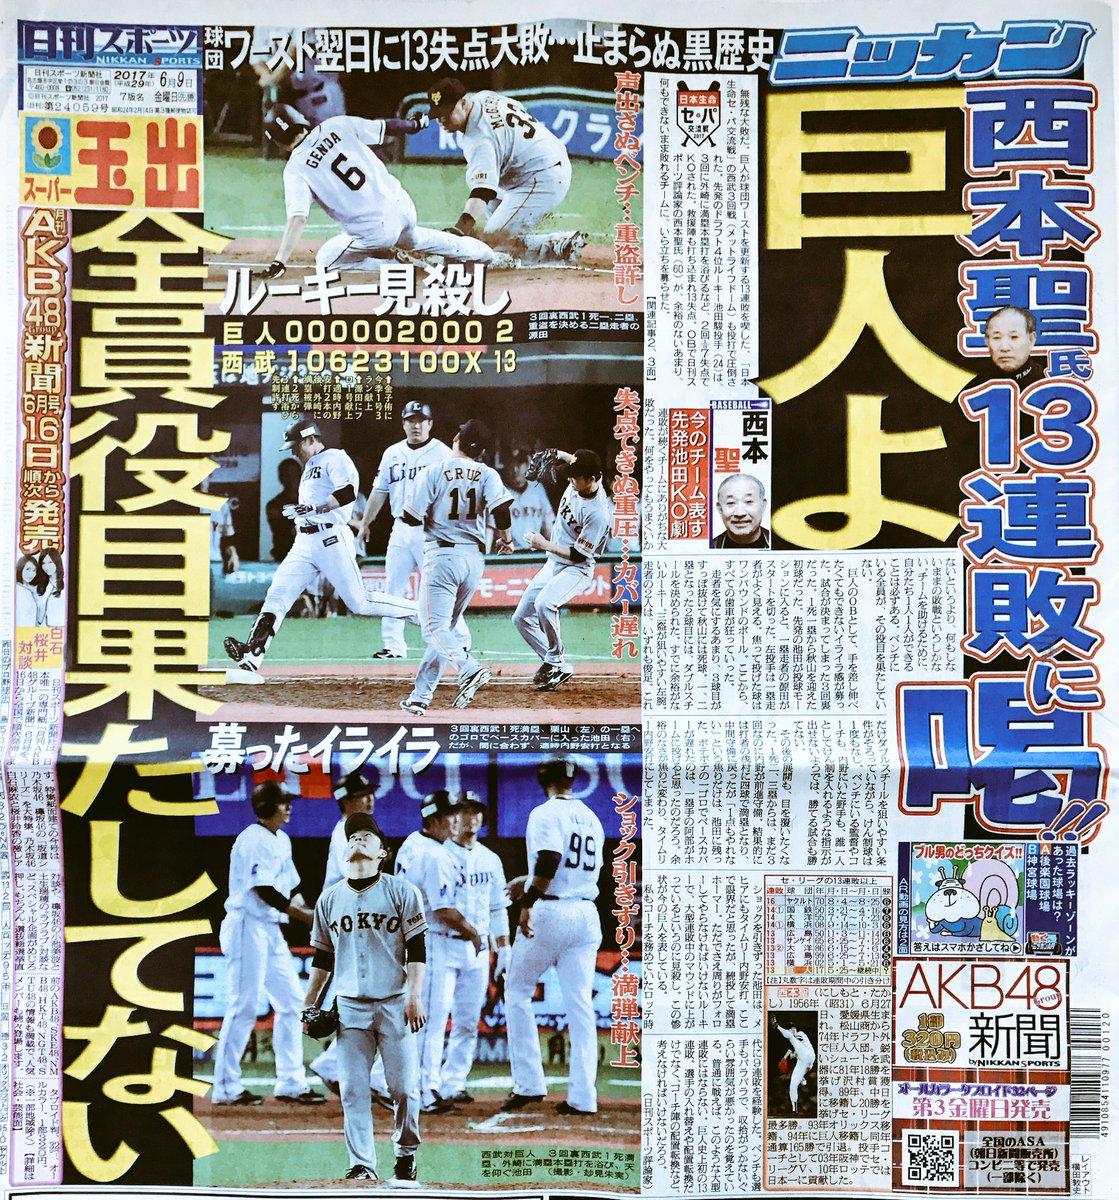 巨人 日刊 スポーツ